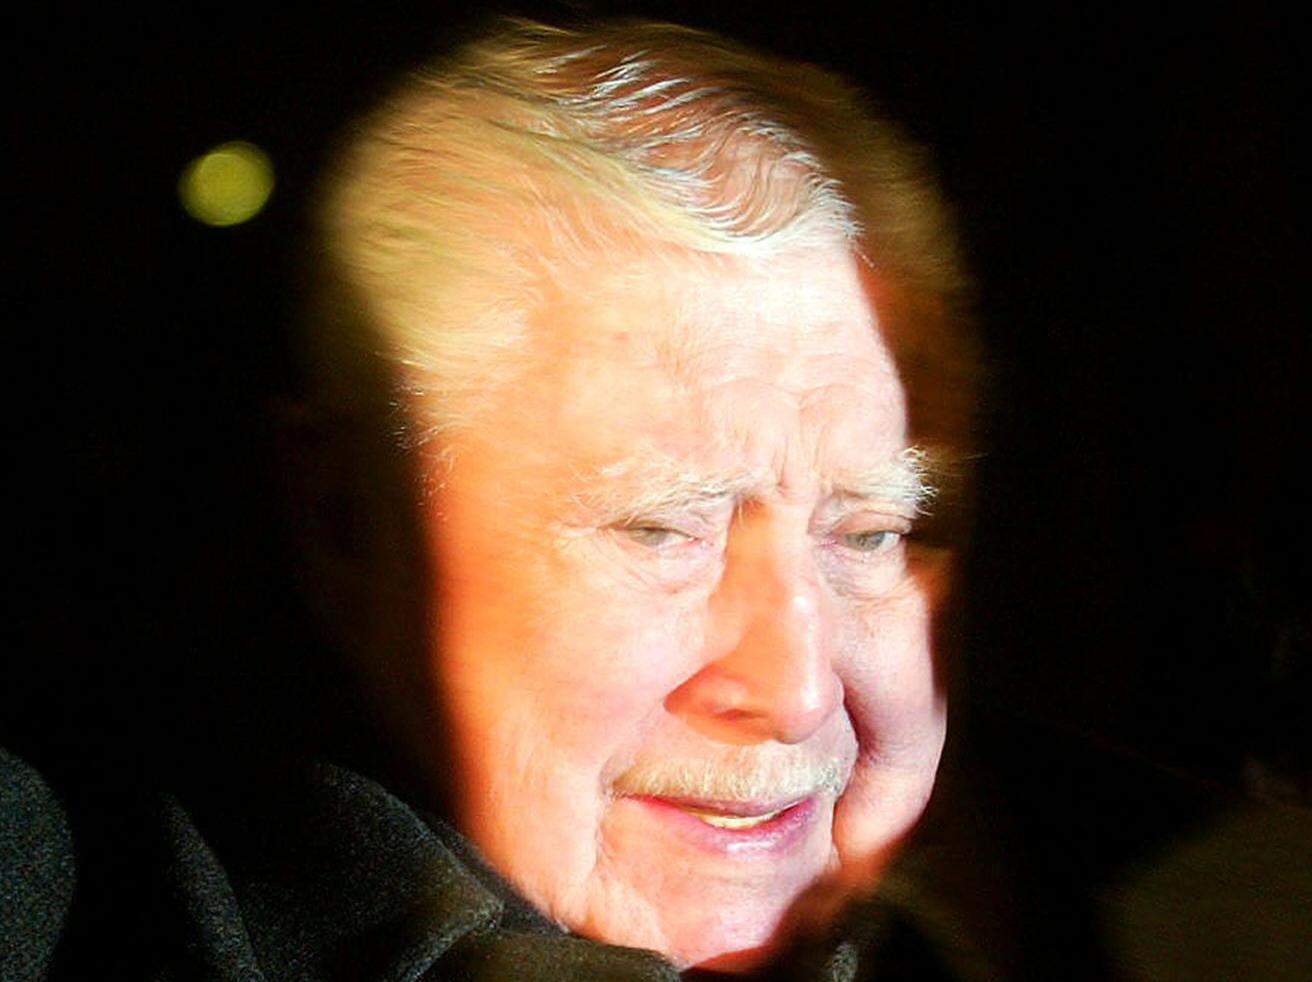 Viudas de los escoltas de Pinochet asesinados se querellan contra un líder comunista